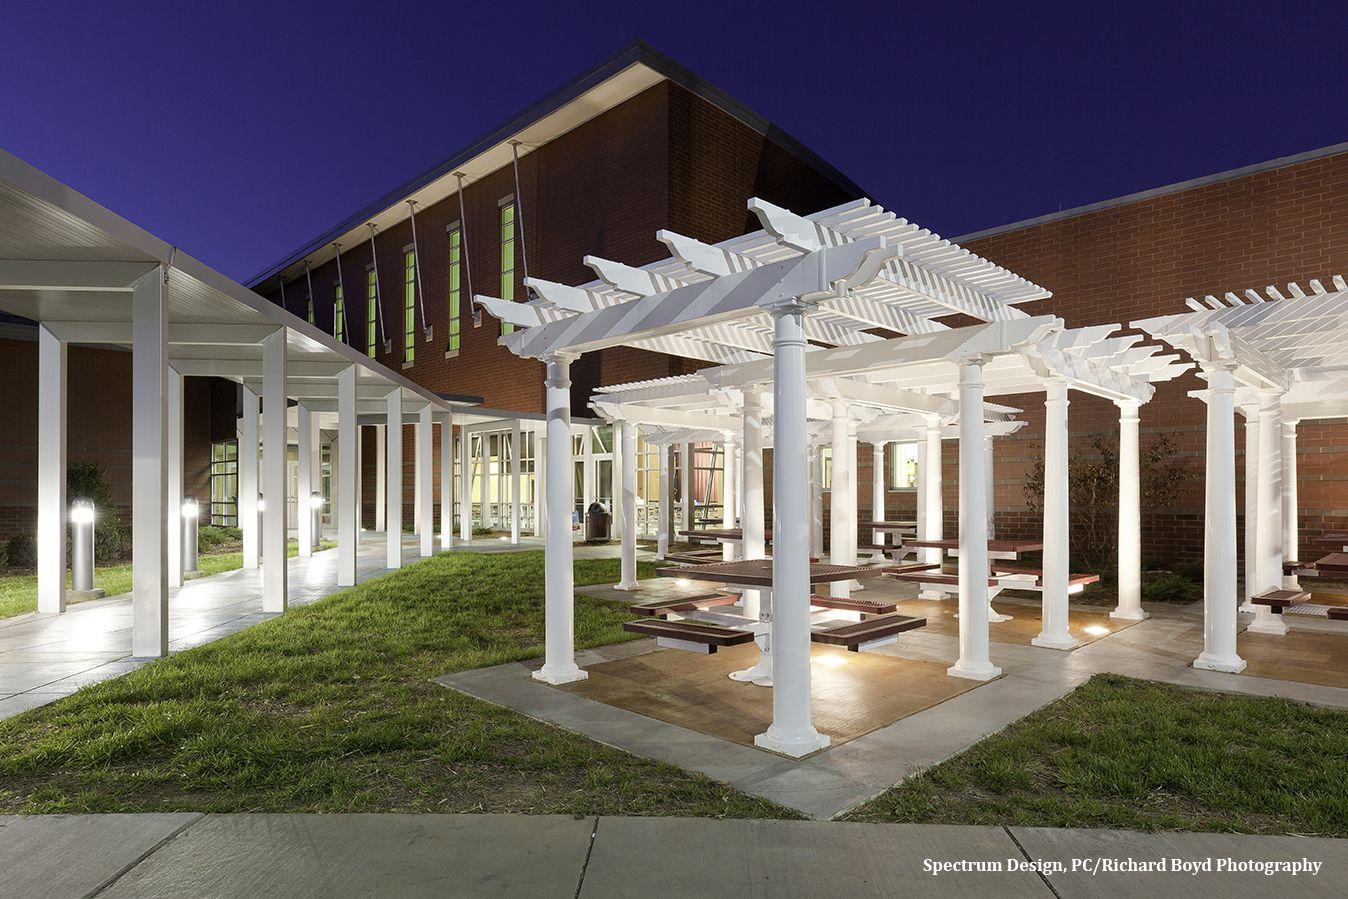 Custom Pergola designed for Eastern Montgomery Elementary